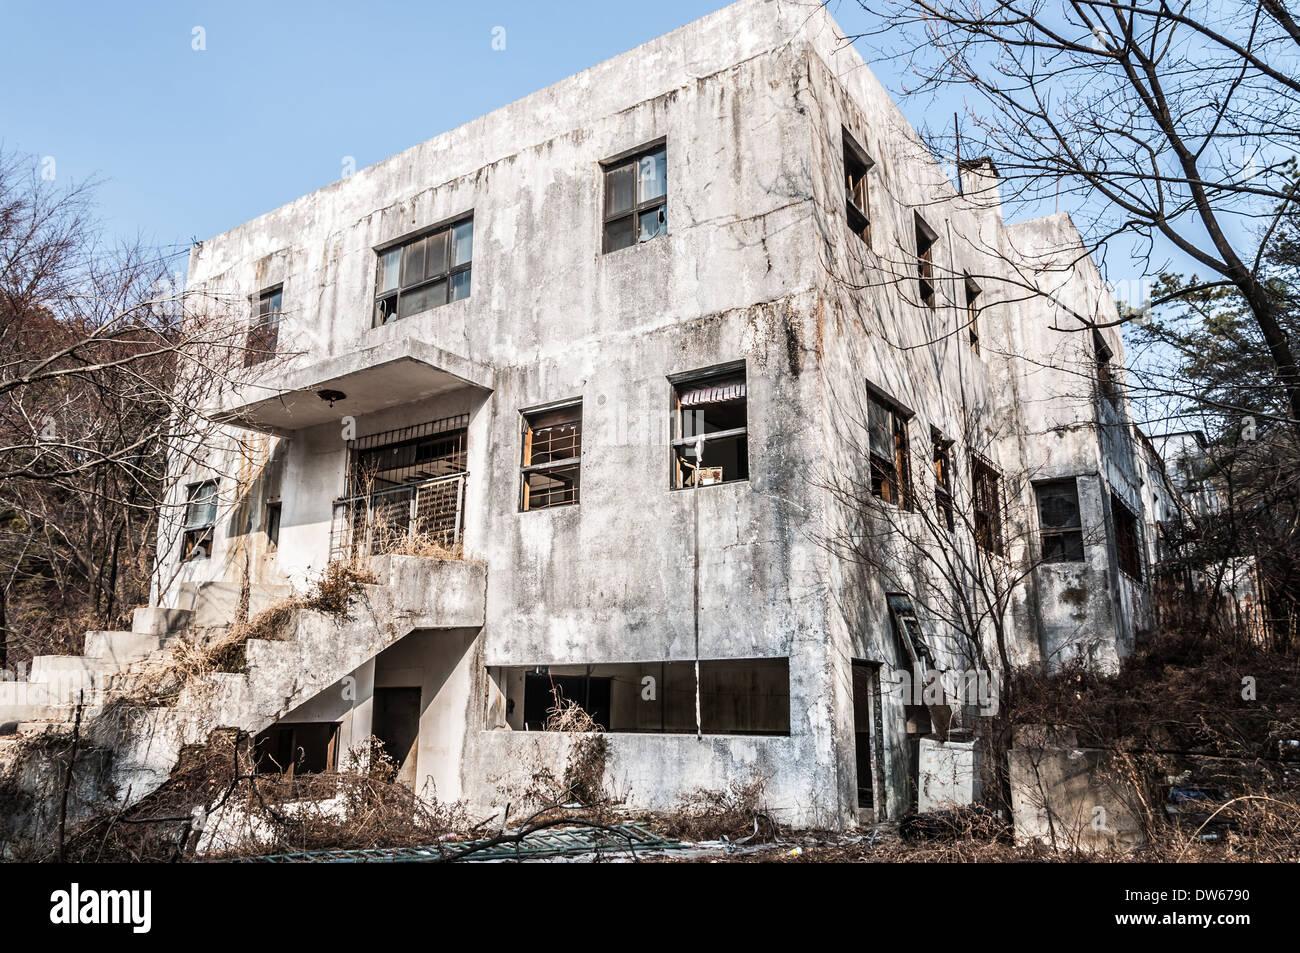 Gonjiam psychiatrisches Krankenhaus in Südkorea. Das Krankenhaus wurde vor fast zwanzig Jahren aufgegeben. Stockbild